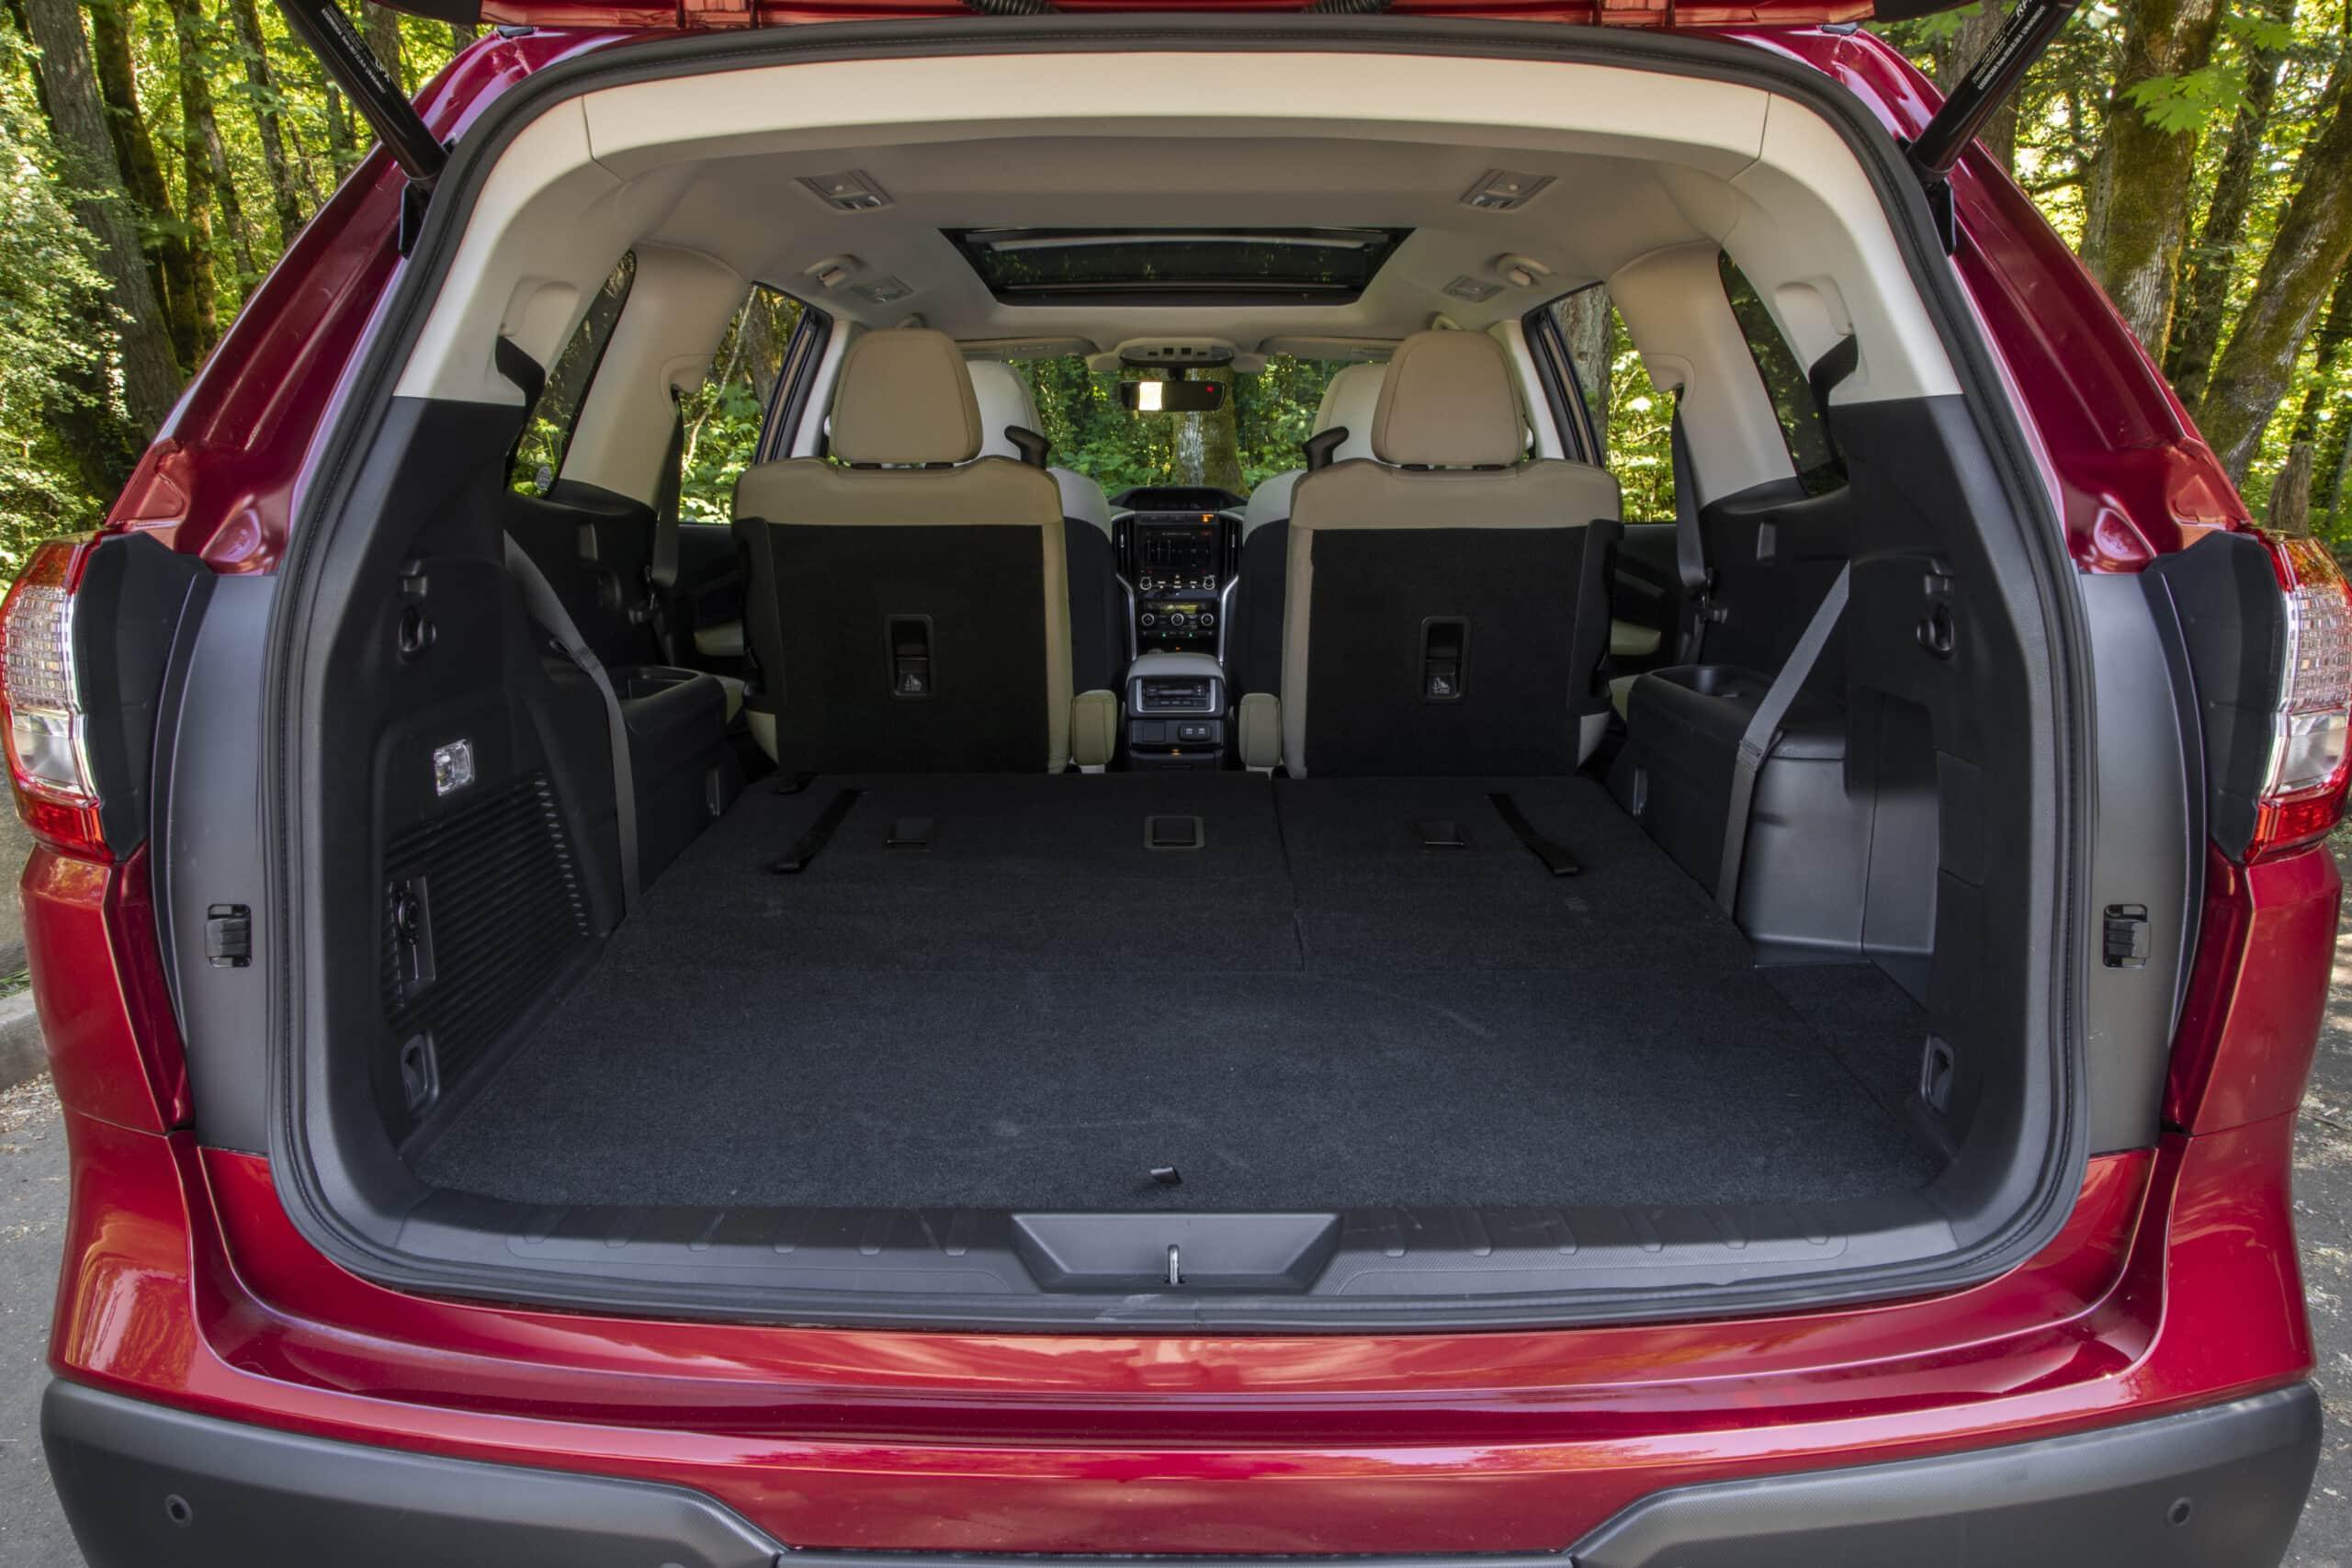 Subaru Ascent cargo area